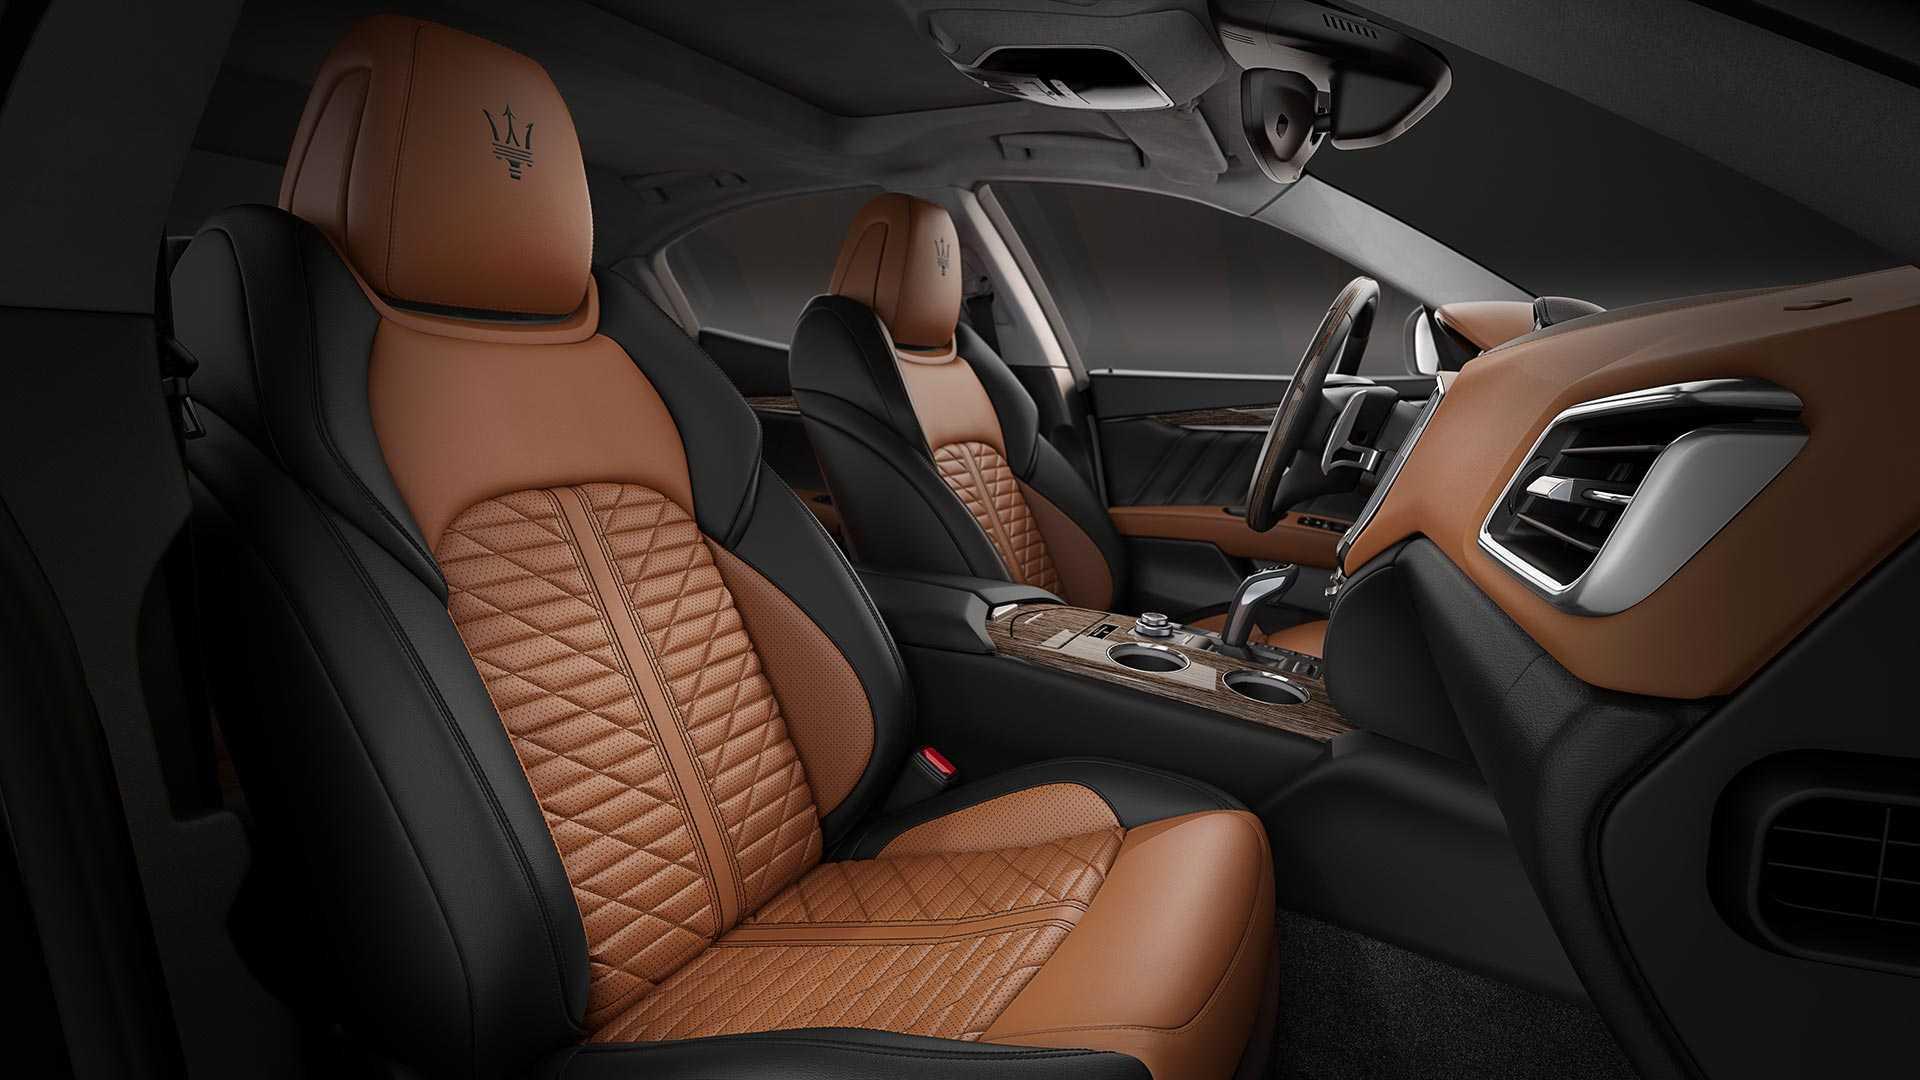 Maserati_Ghibli_Edizione_Nobile_package_00010003